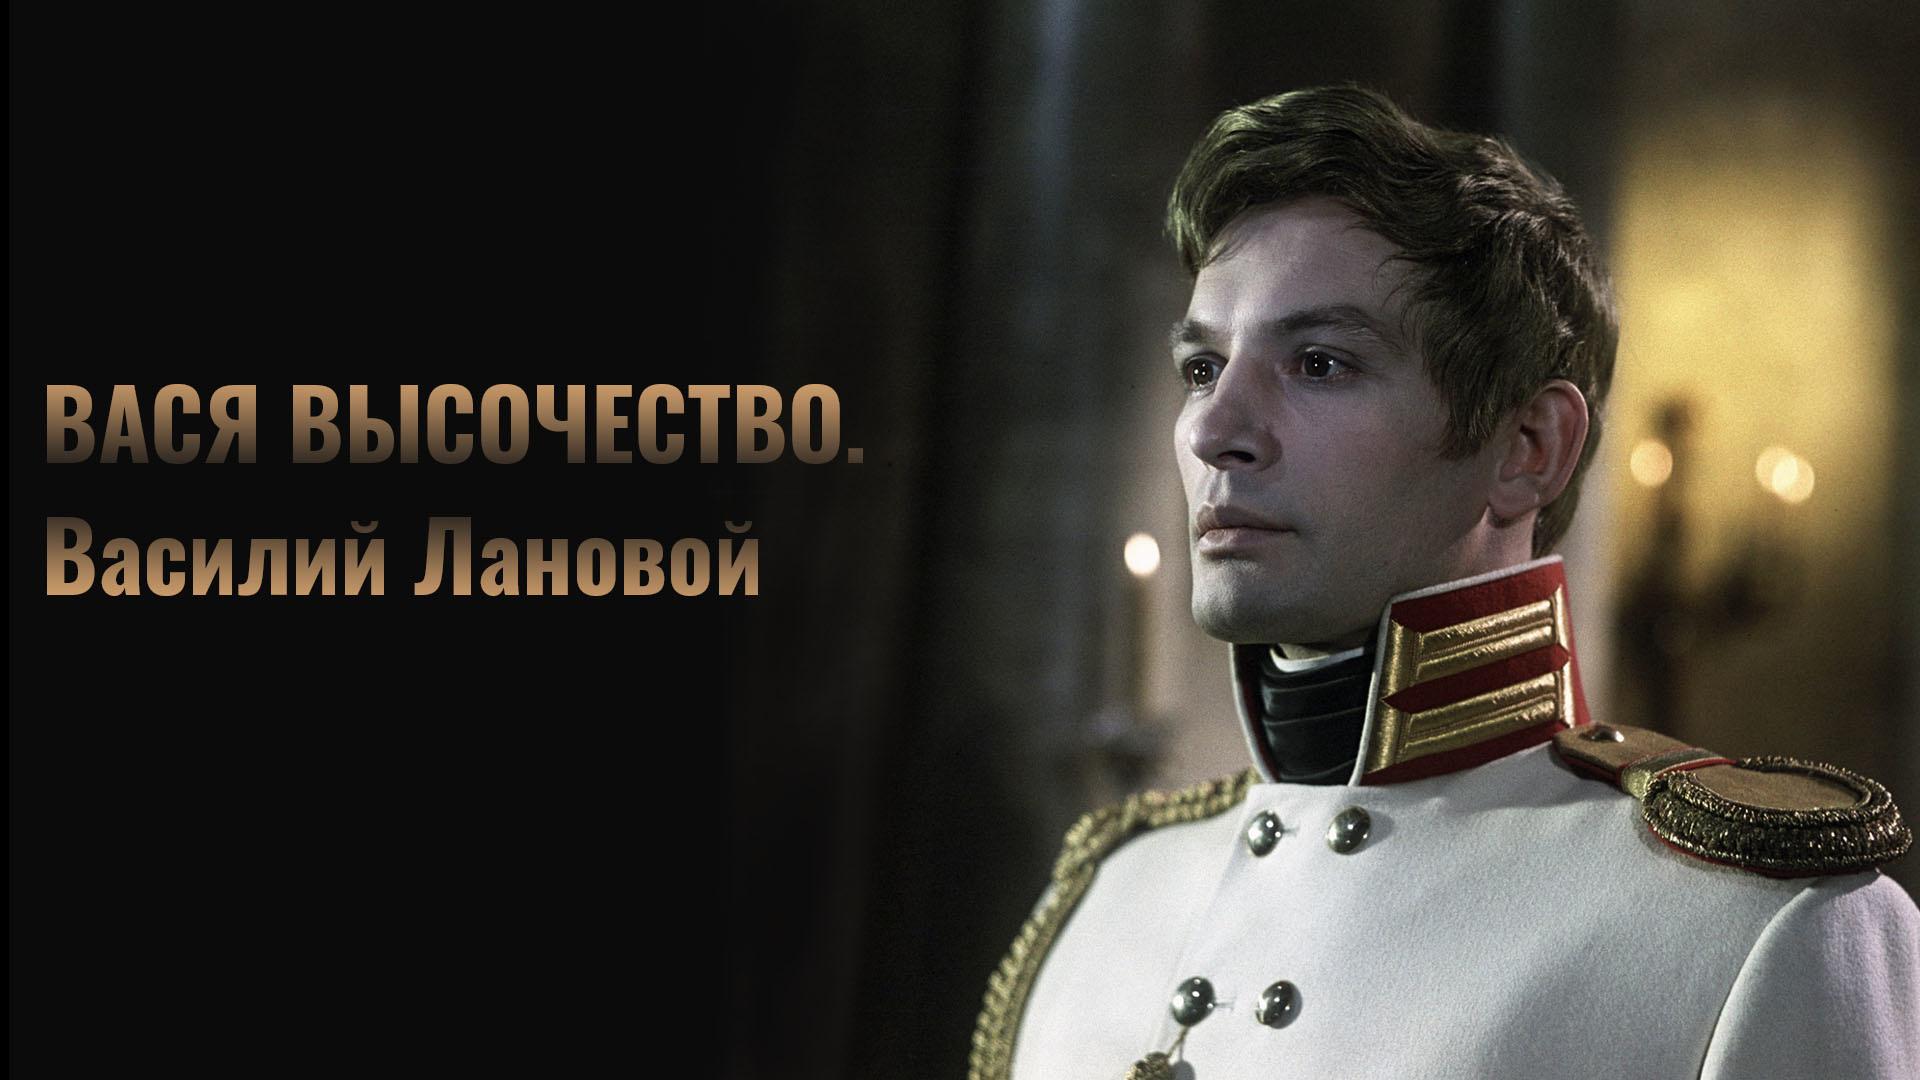 Вася высочество. Василий Лановой